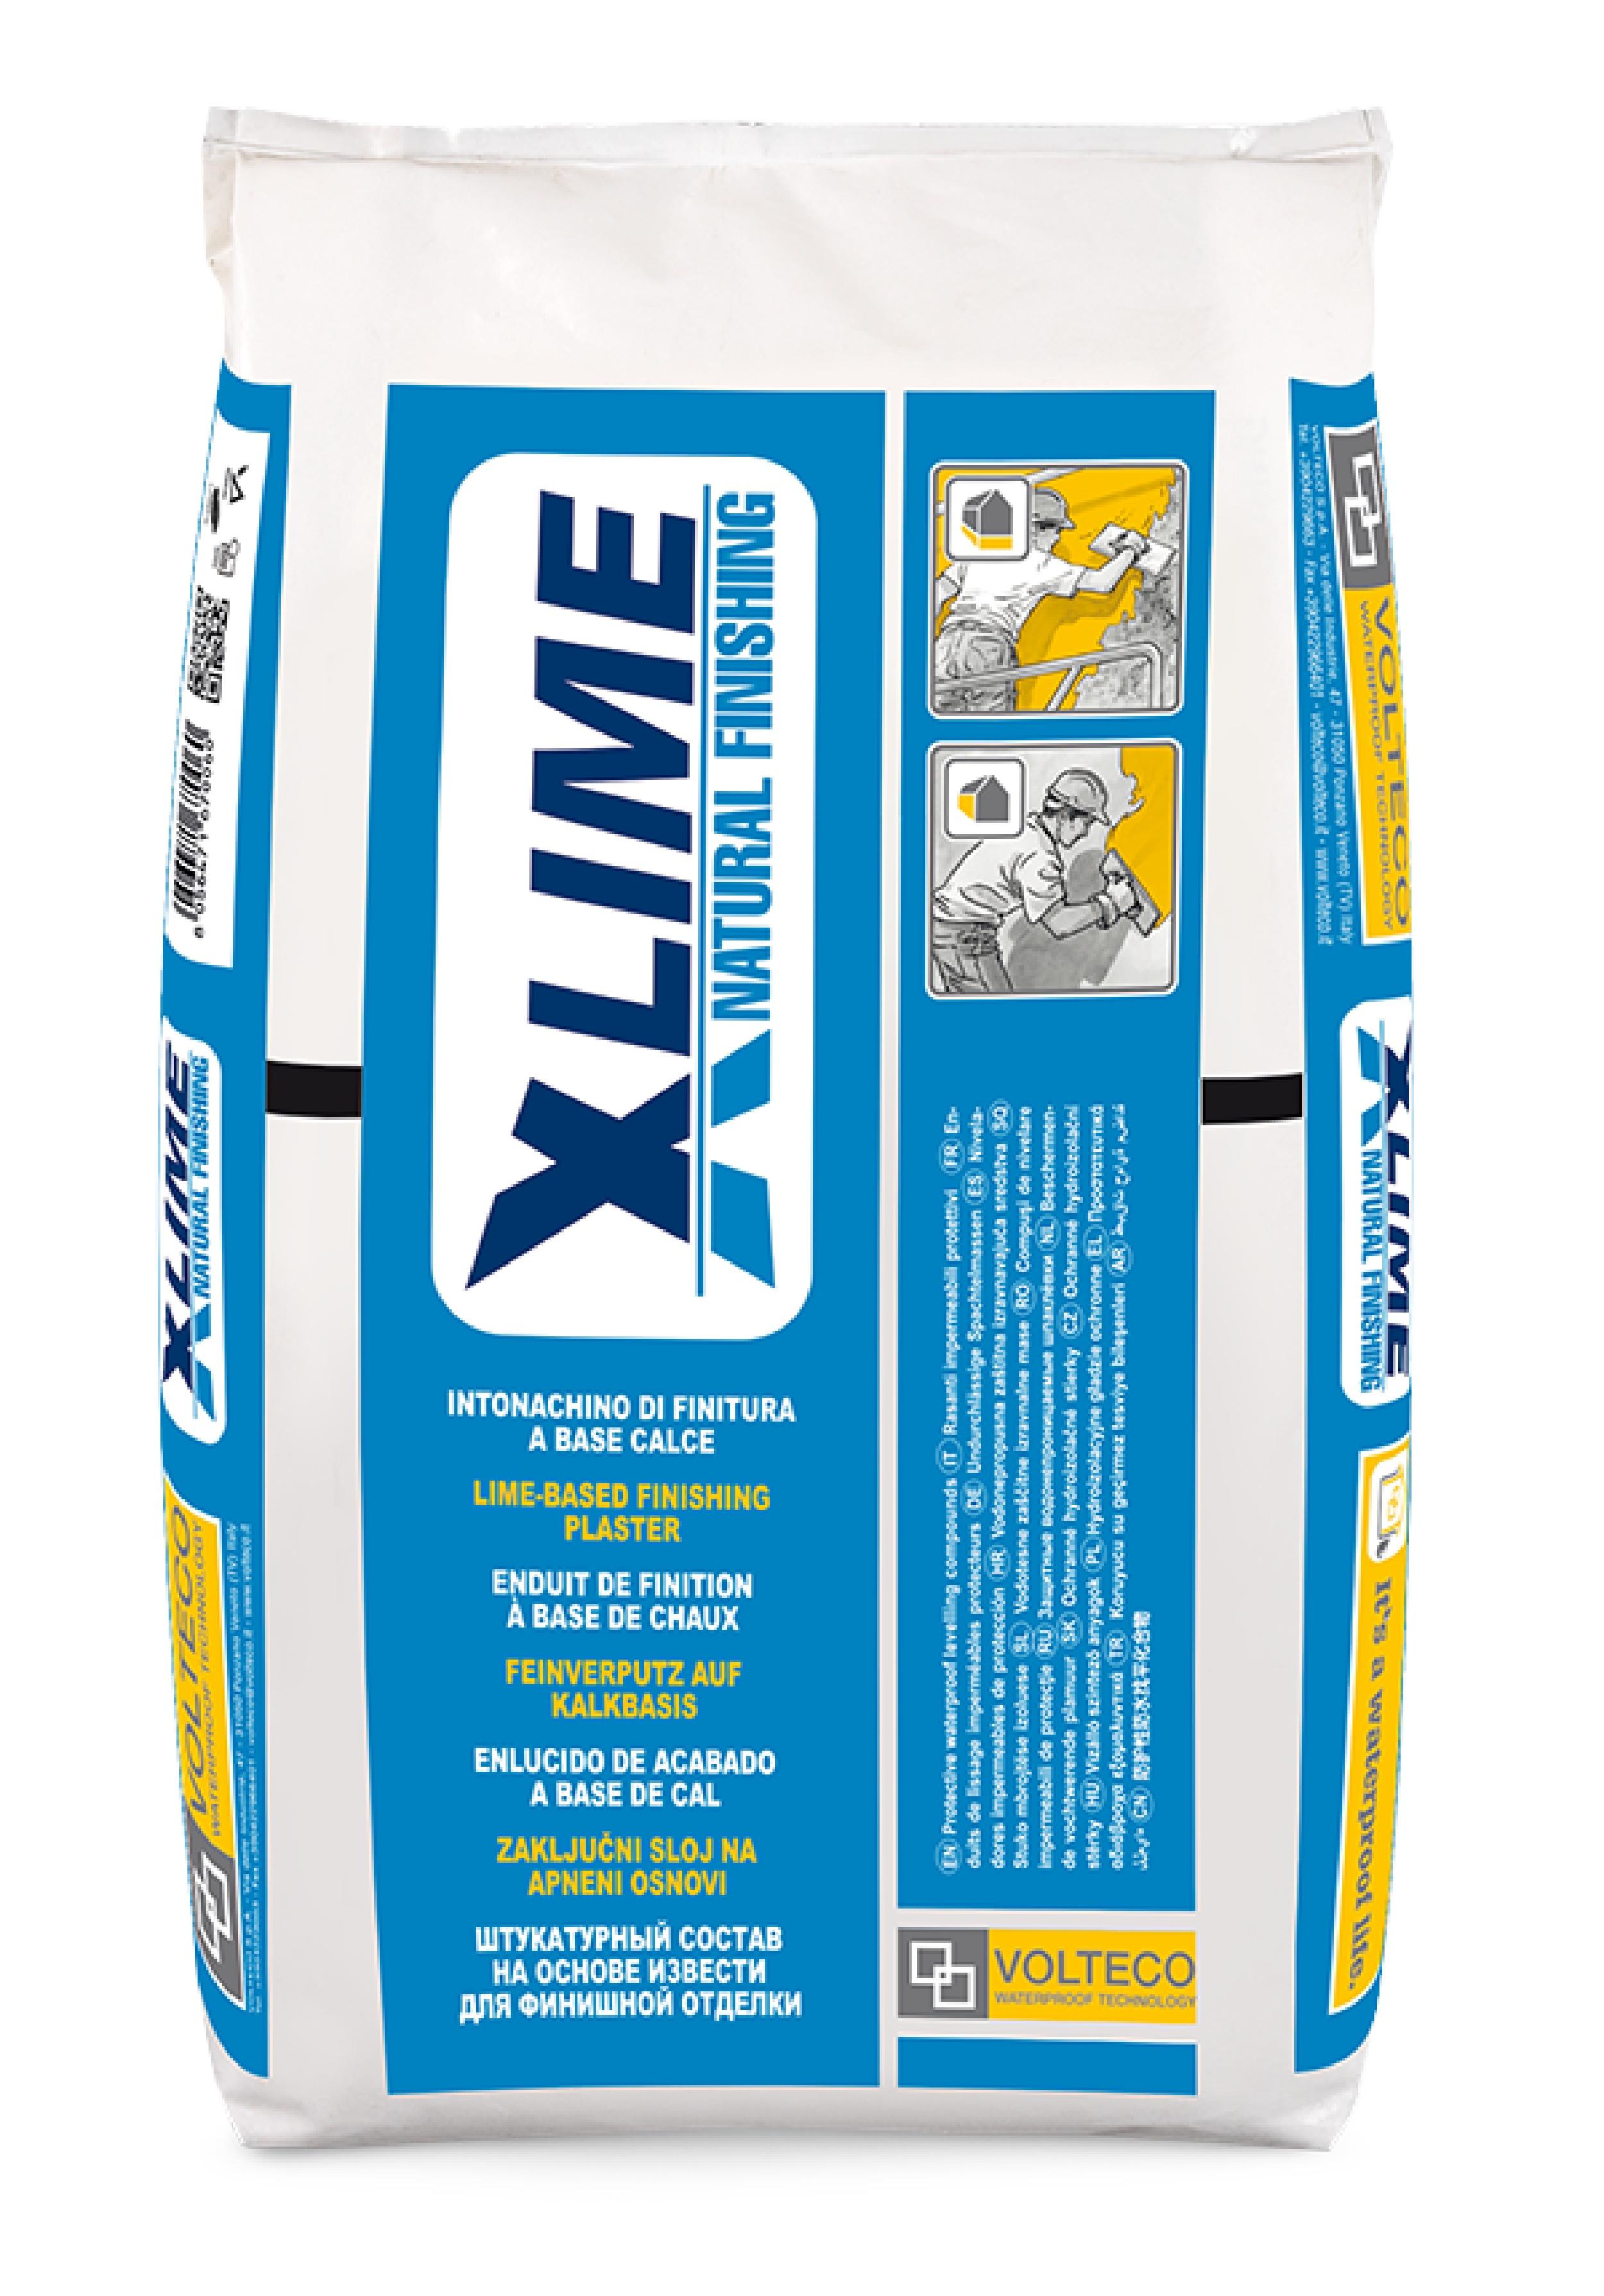 X-lime